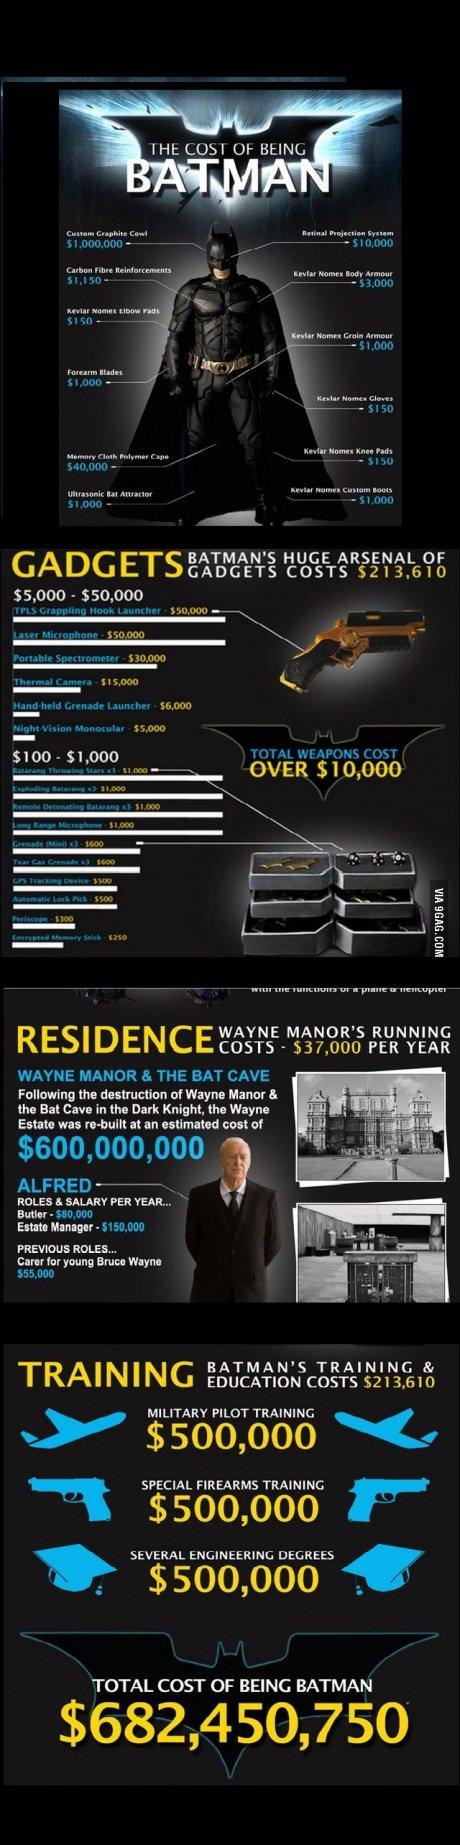 infografia-costo-accesorio-vestuario-batman-ñoño